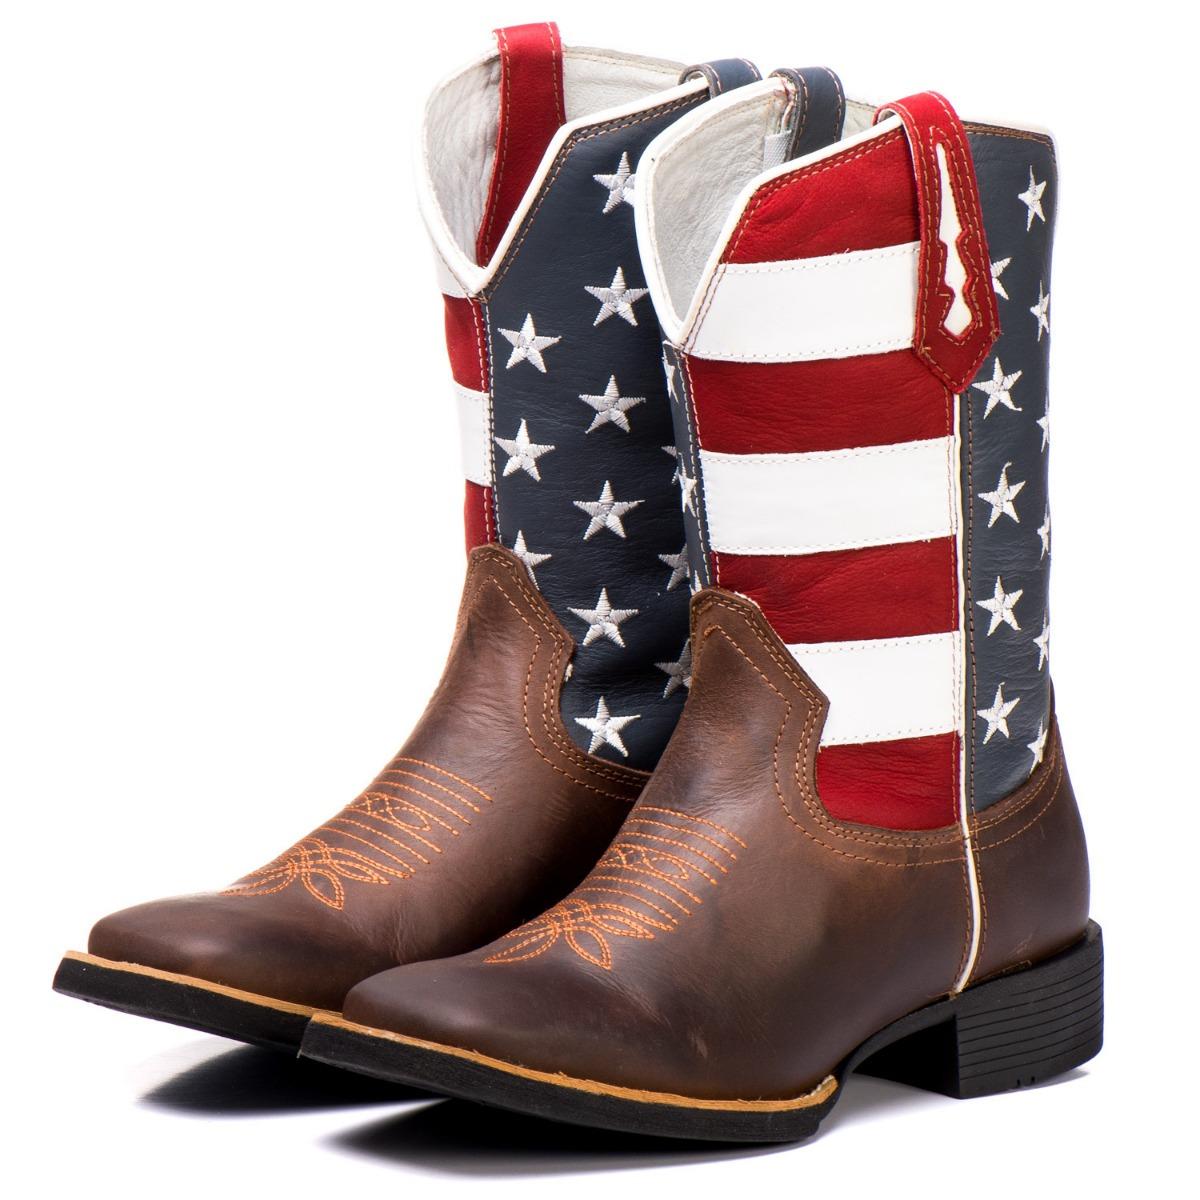 Bota Country Texana Couro Big Bull Estados Unidos Cano Alto - R  260 ... 07083a5457e